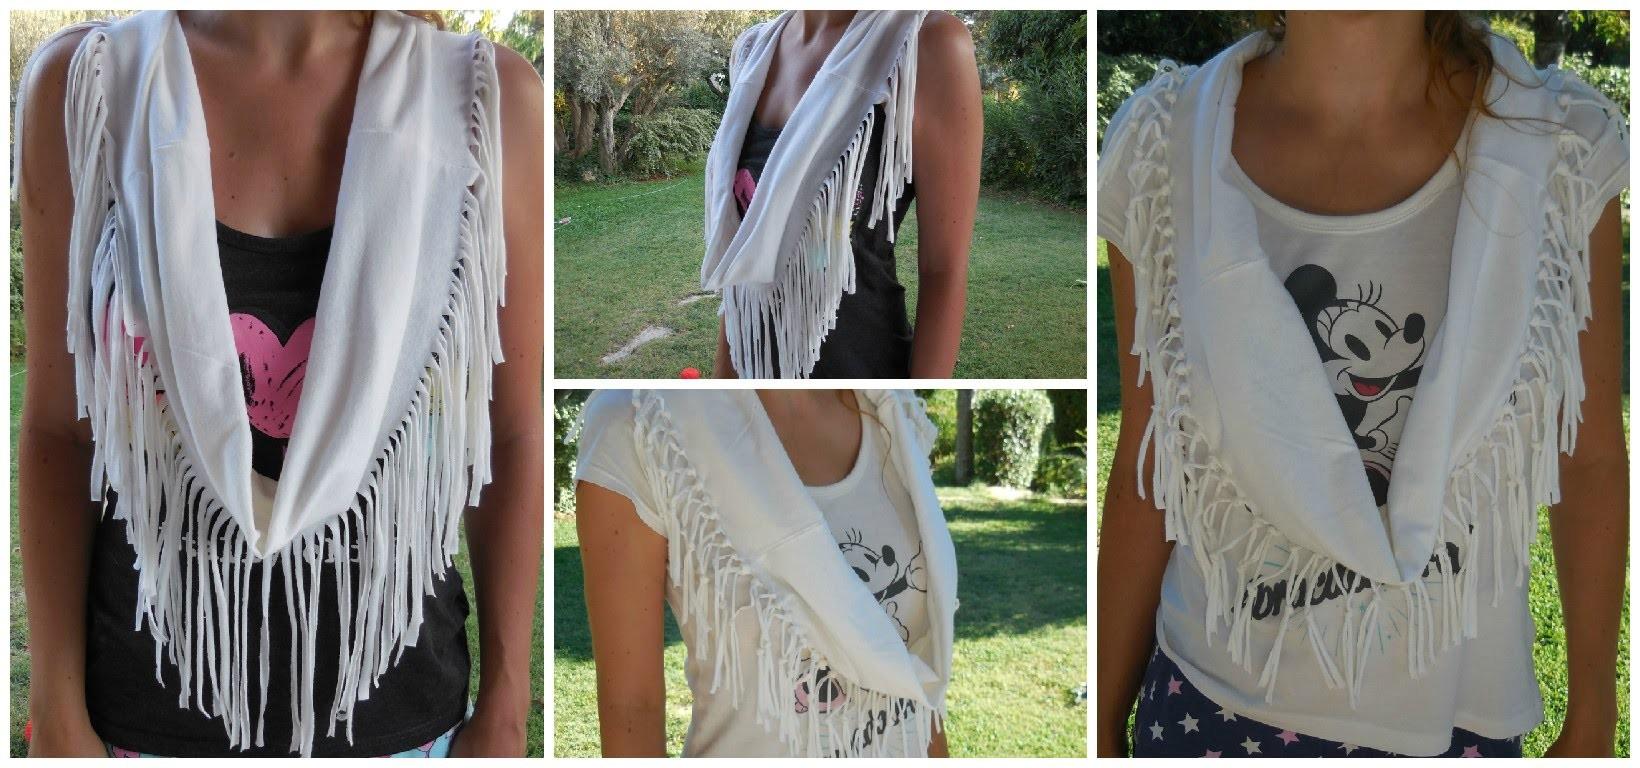 [ DIY ] ✂ Foulard à franges avec un tee-shirt. Fringe scarf from t-shirt